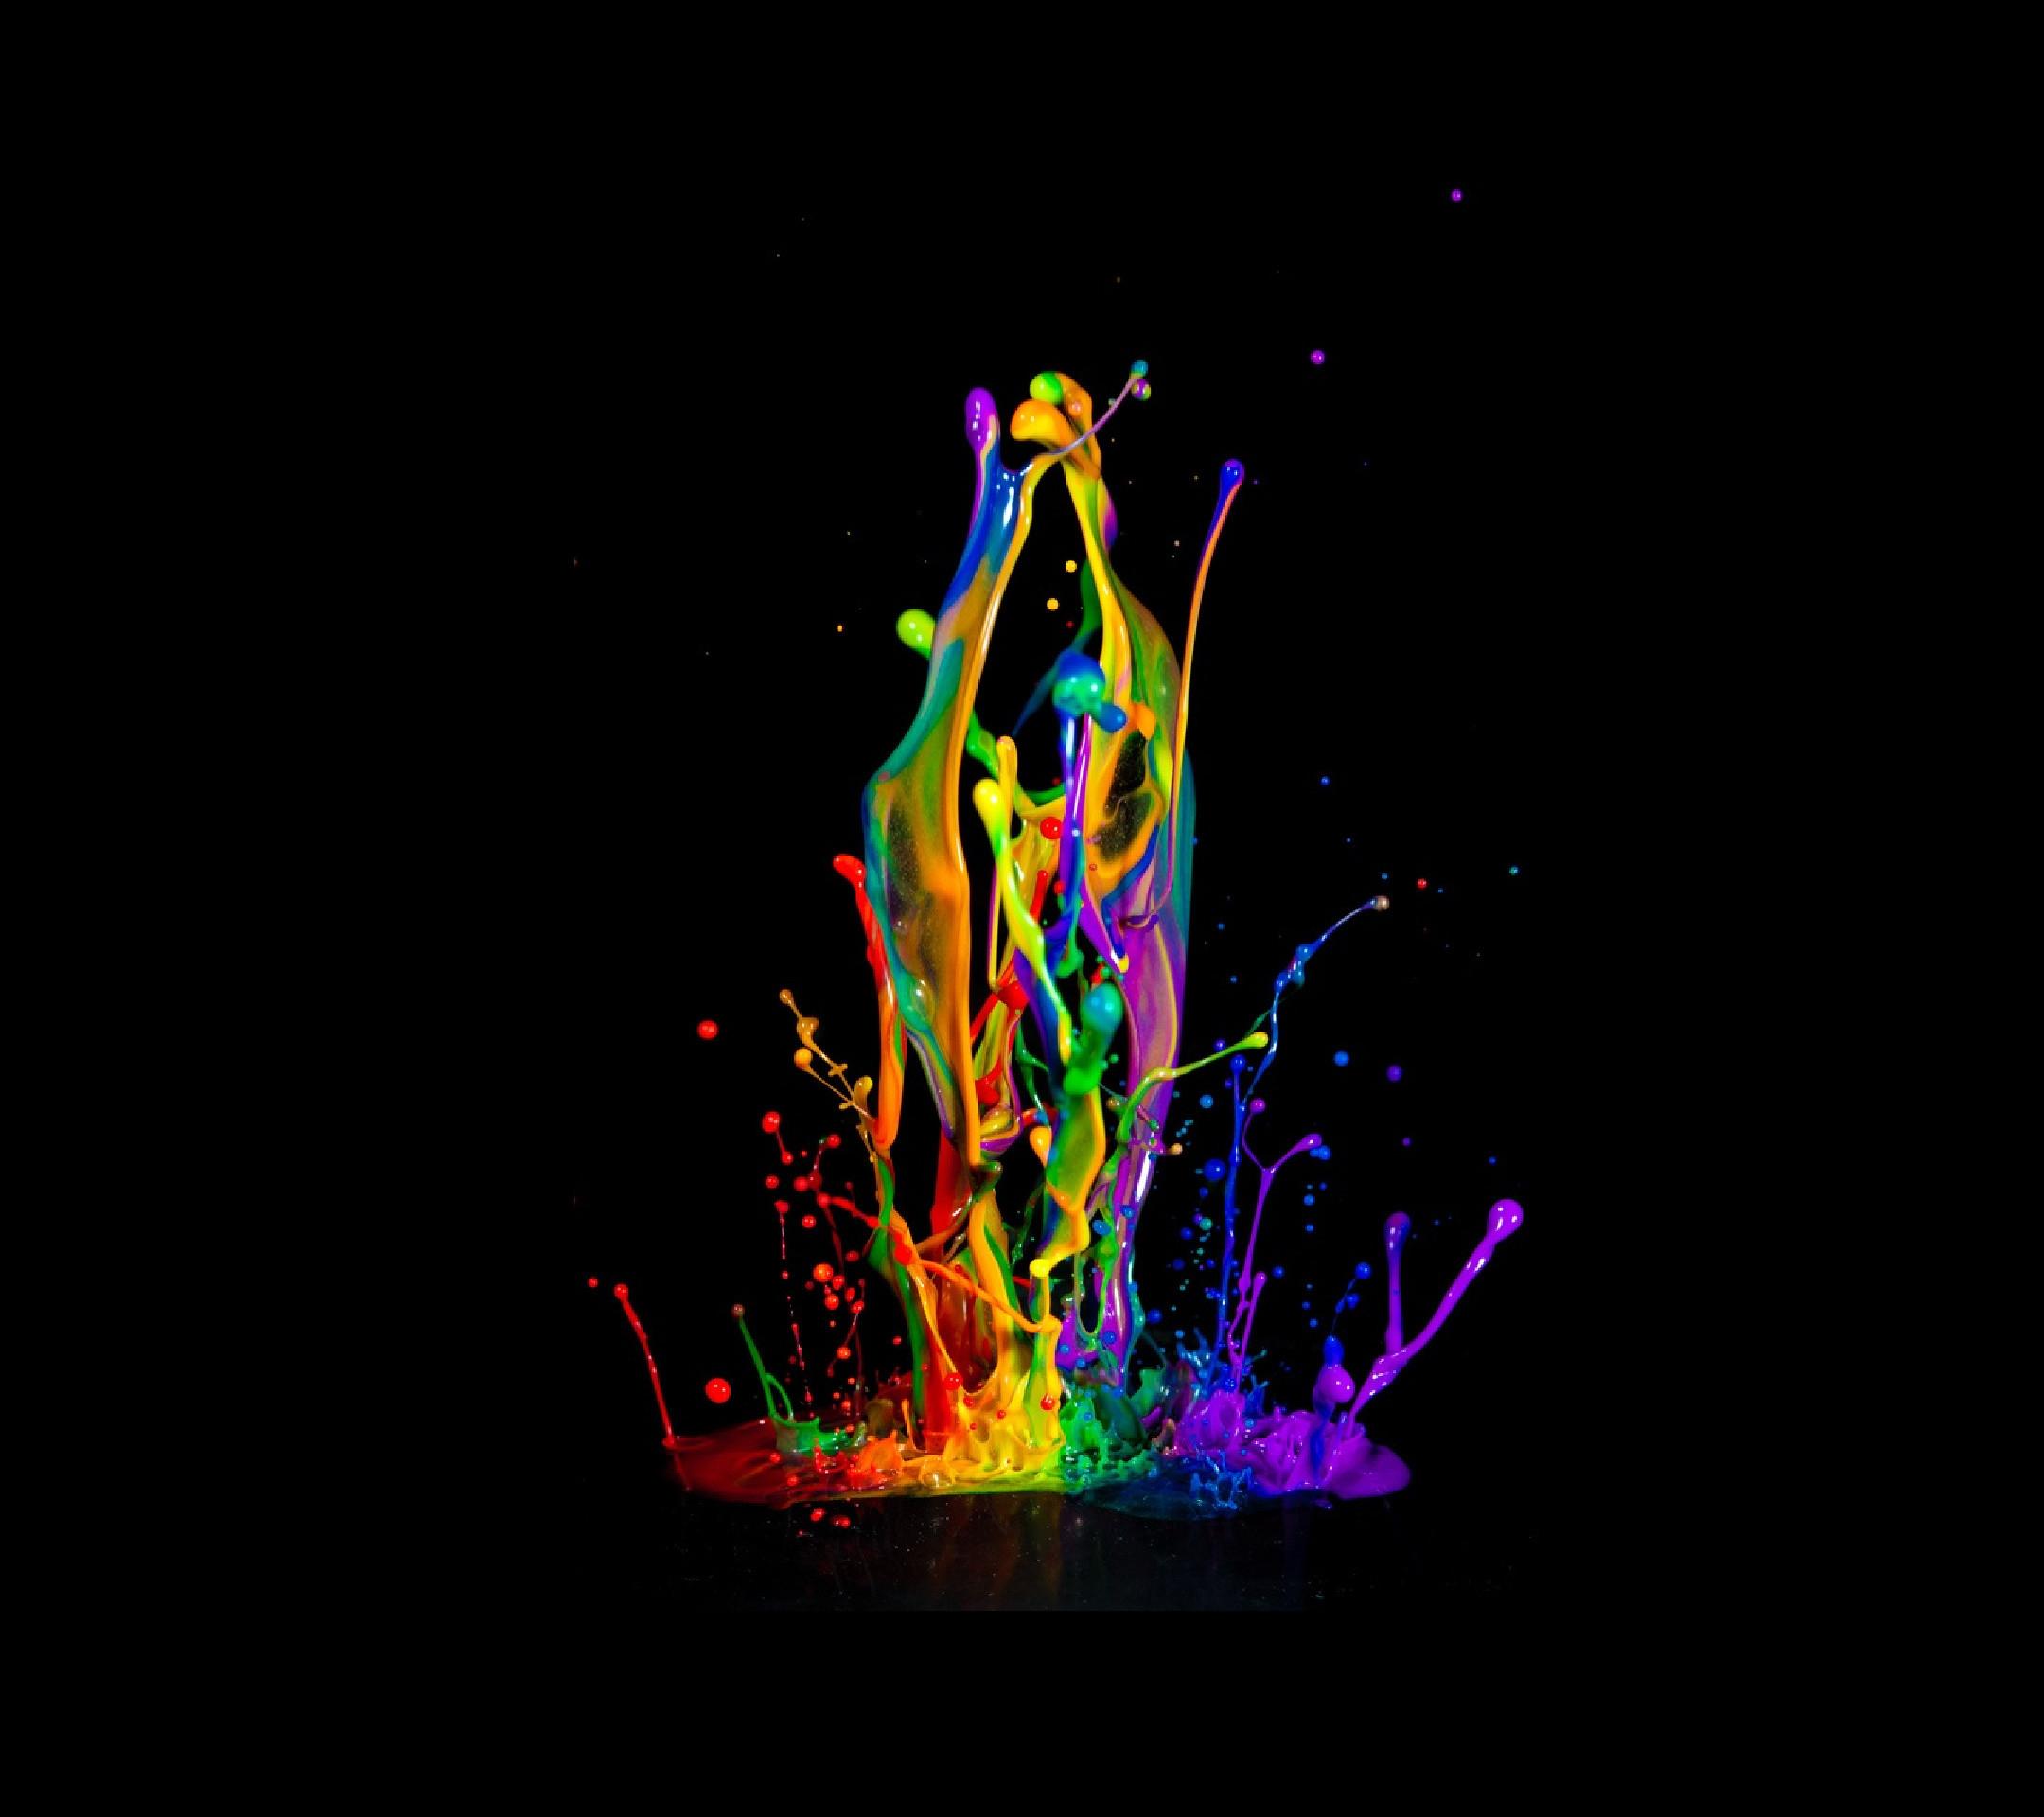 Color Splash Wallpaper (87+ Images